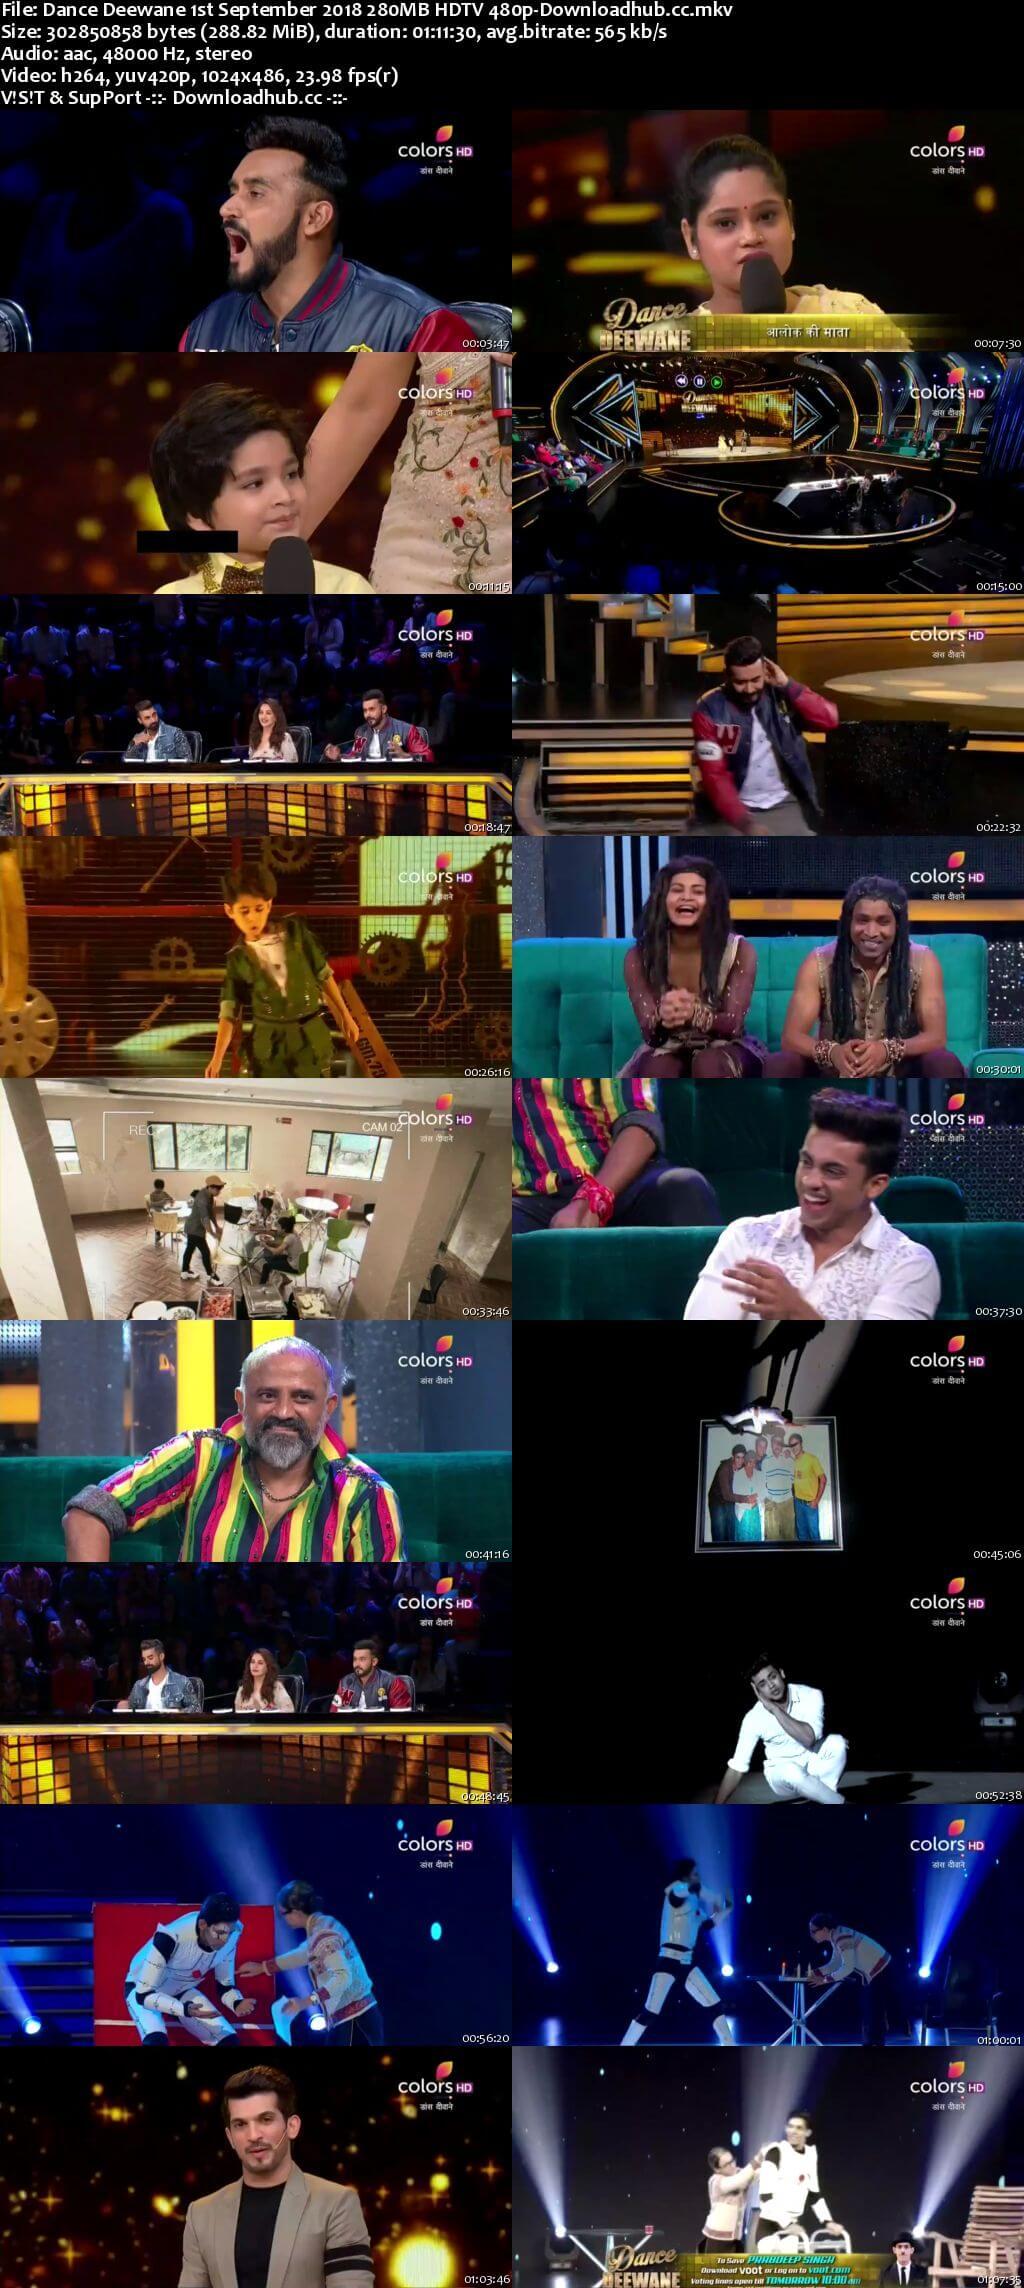 Dance Deewane 01 September 2018 Episode 26 HDTV 480p